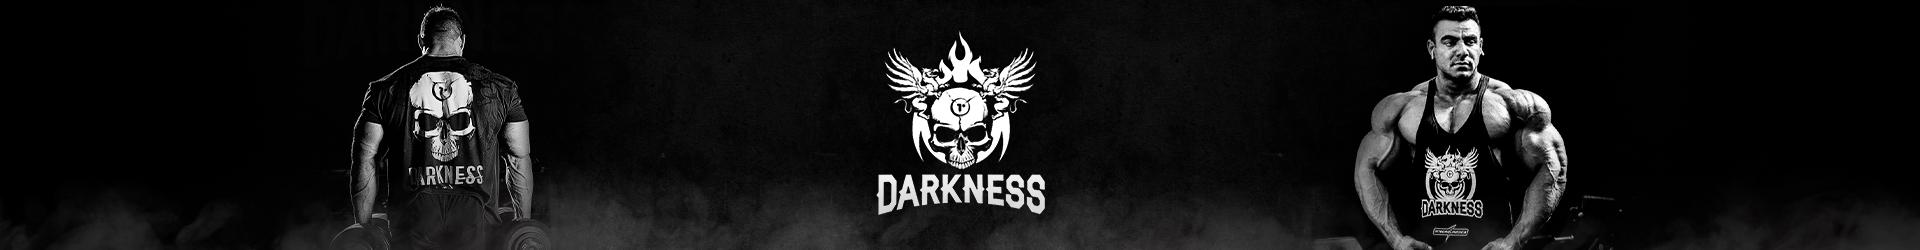 MARCA - Darkness